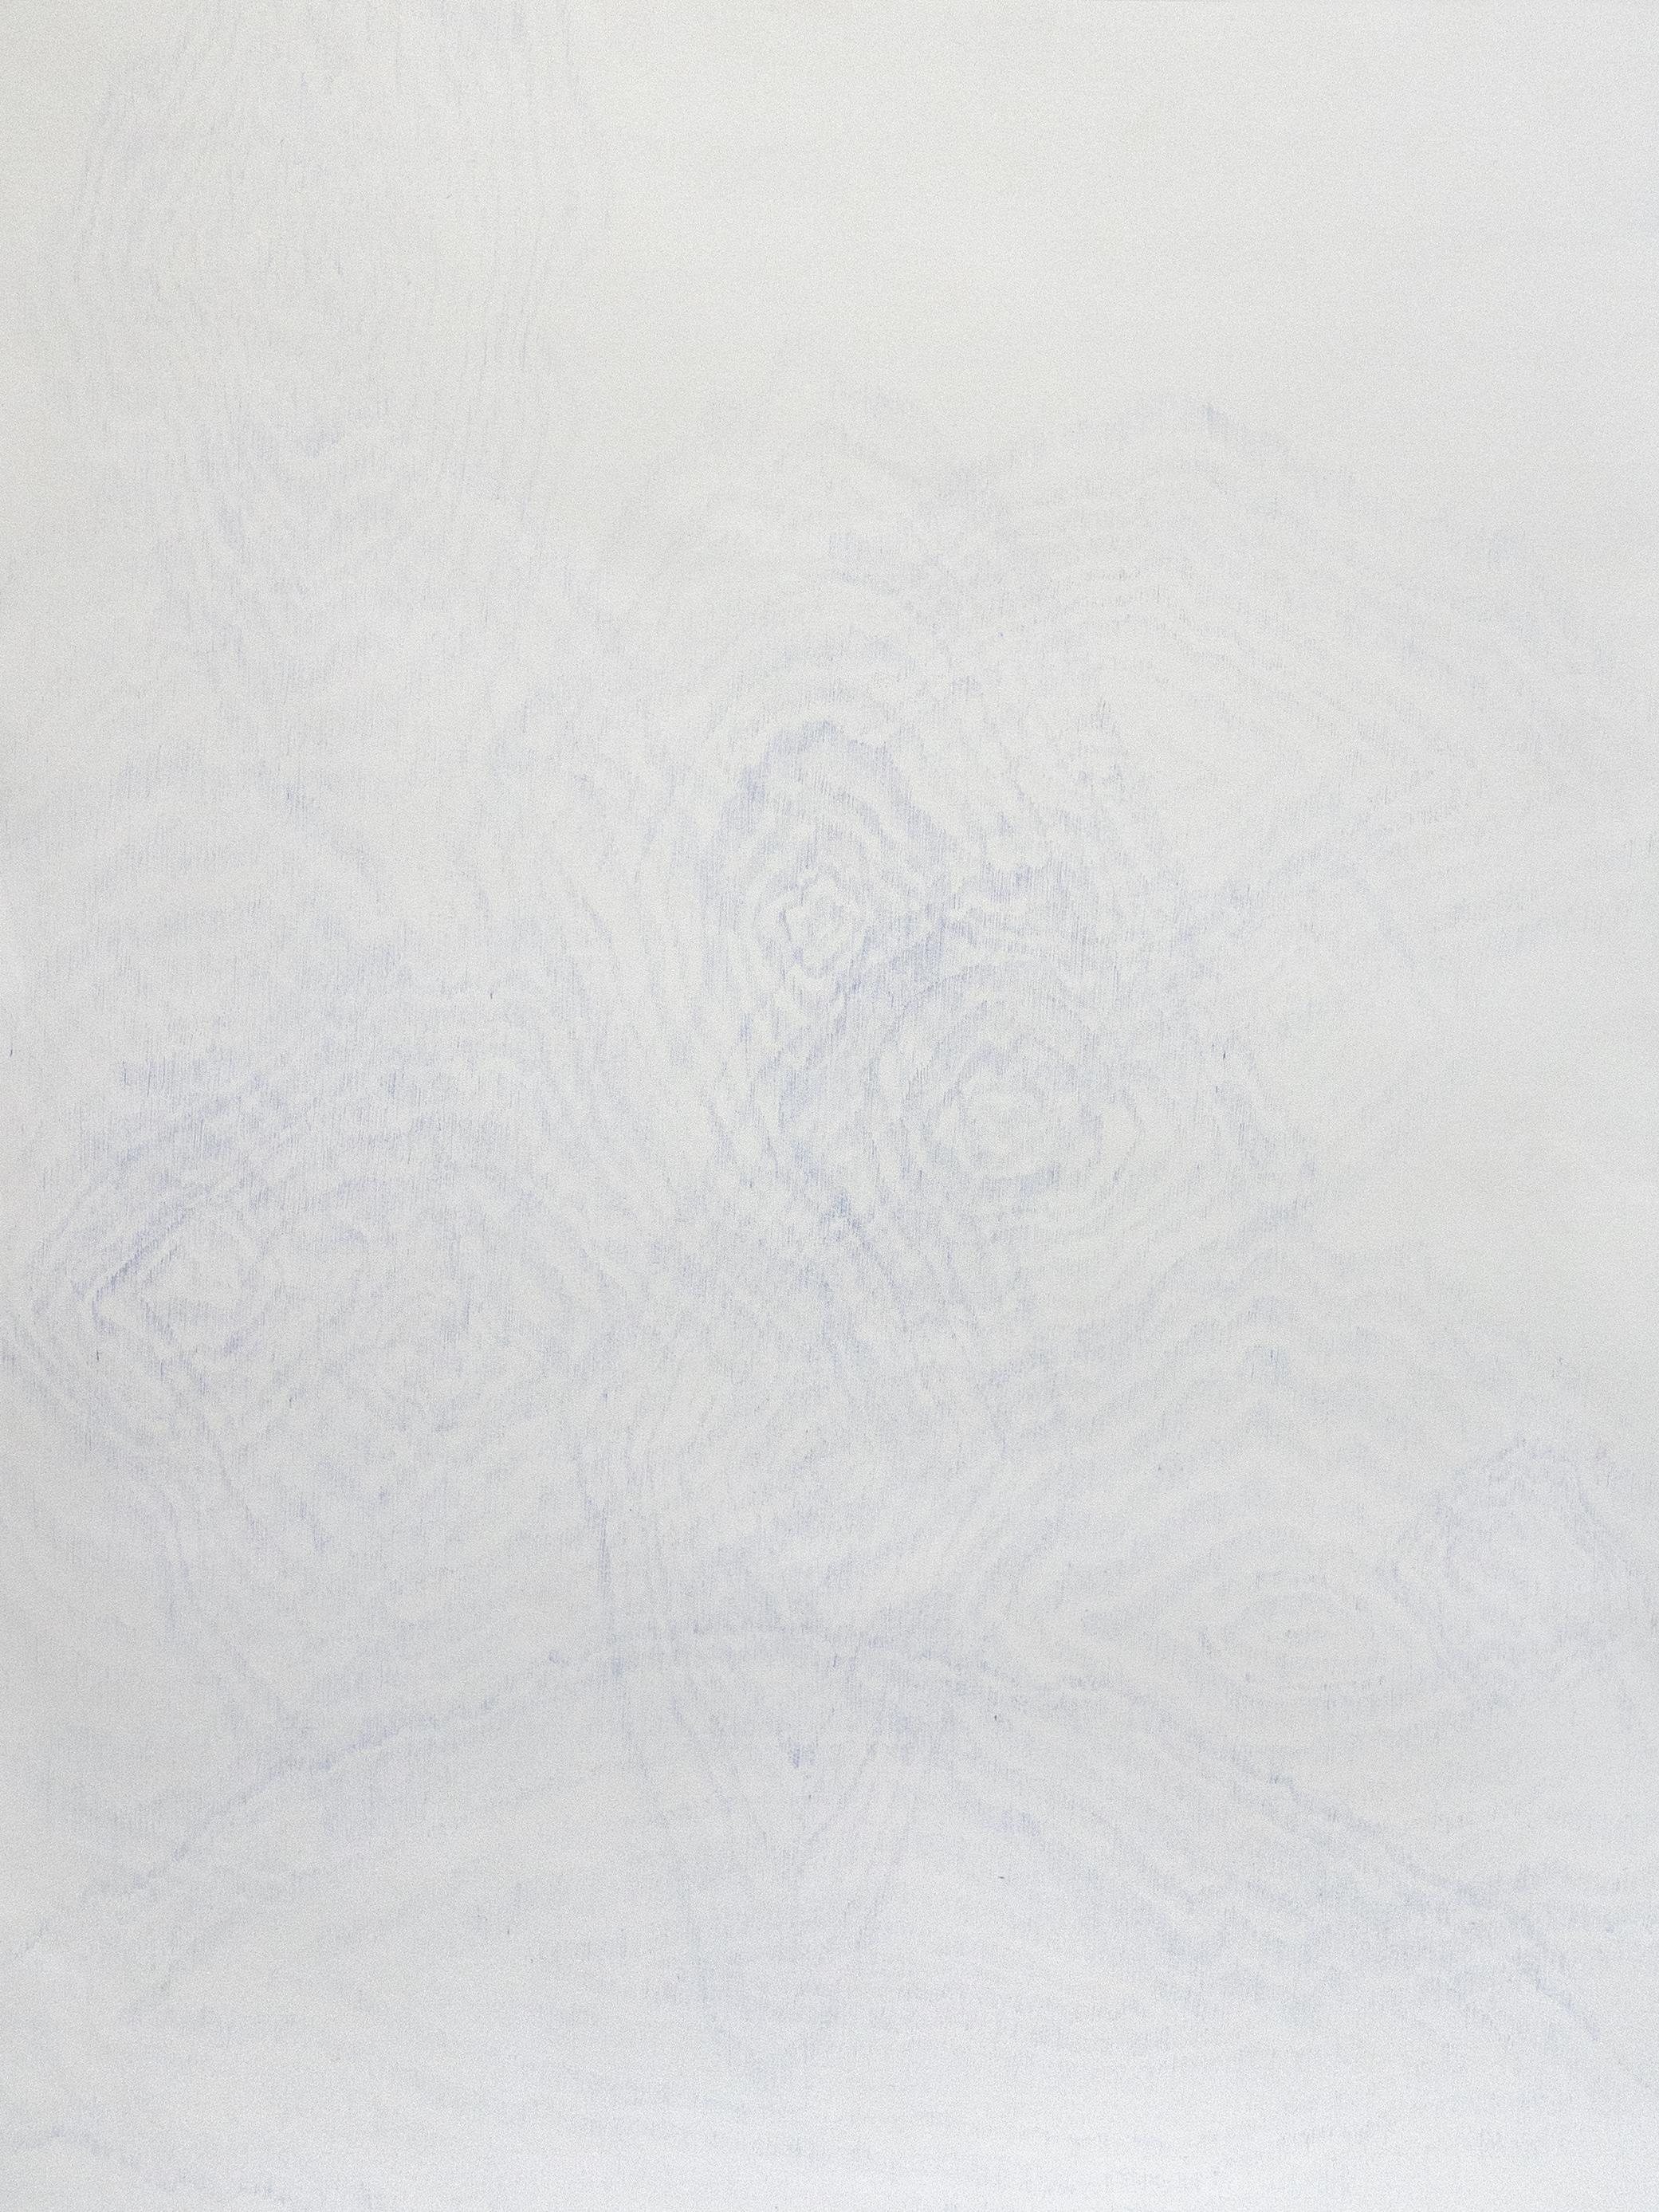 EJB_Sketch_v1a.jpg